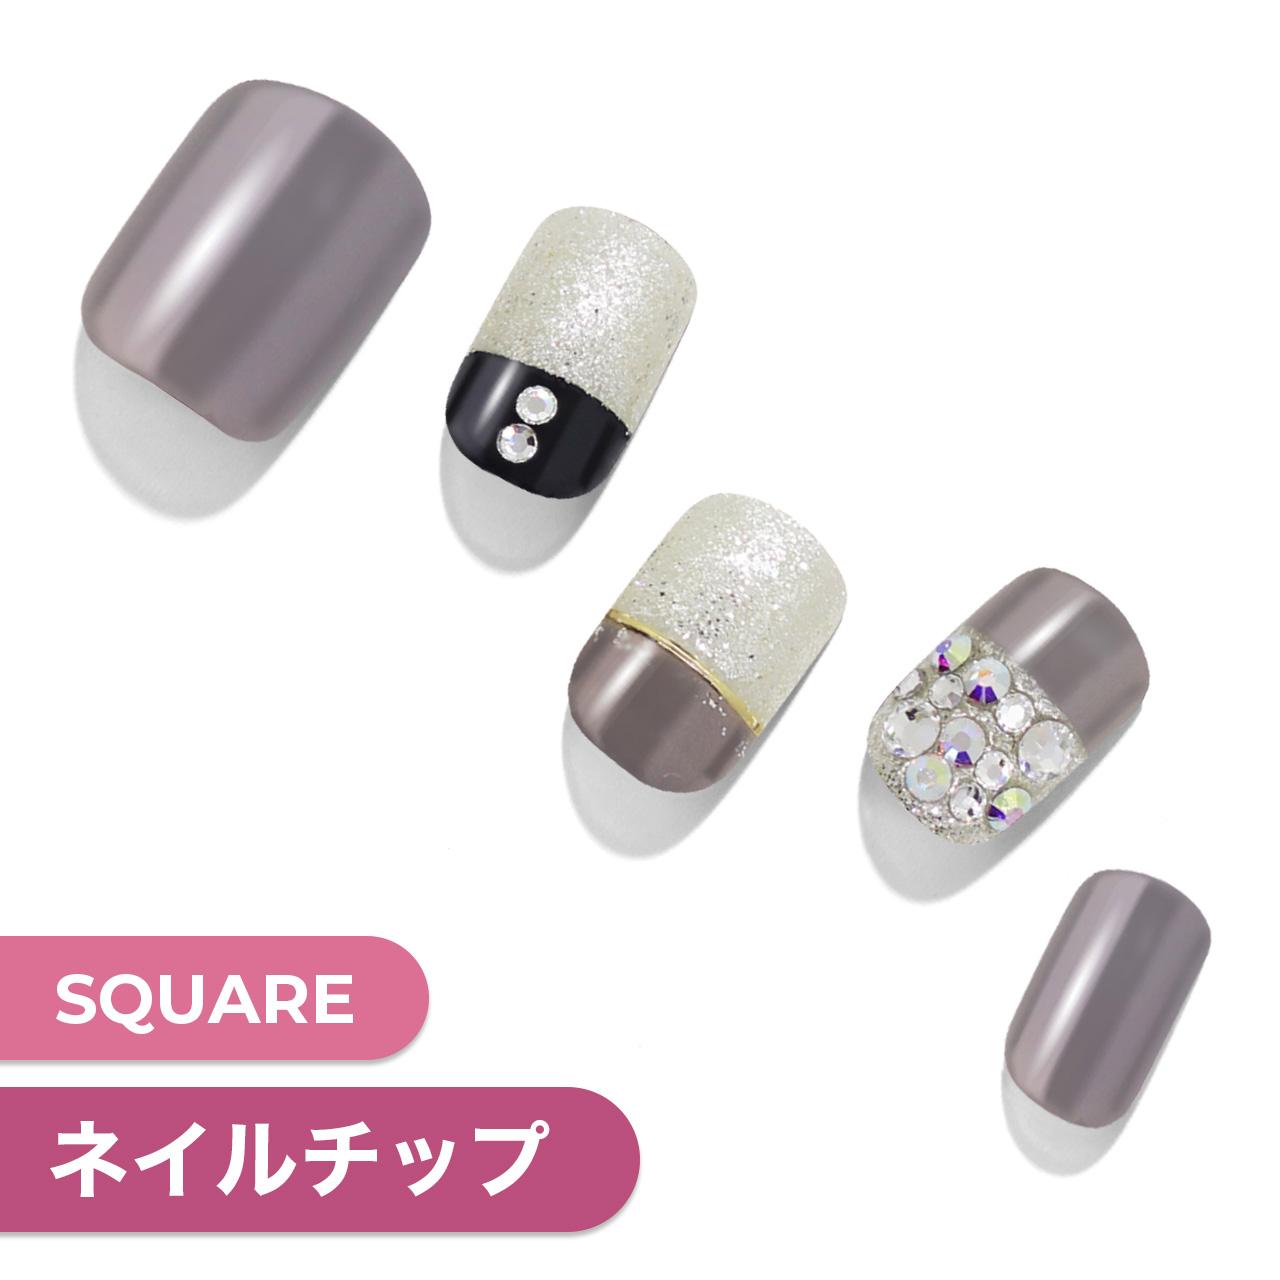 ダッシングディバマジックプレス【MPR058】Crystalline Purity